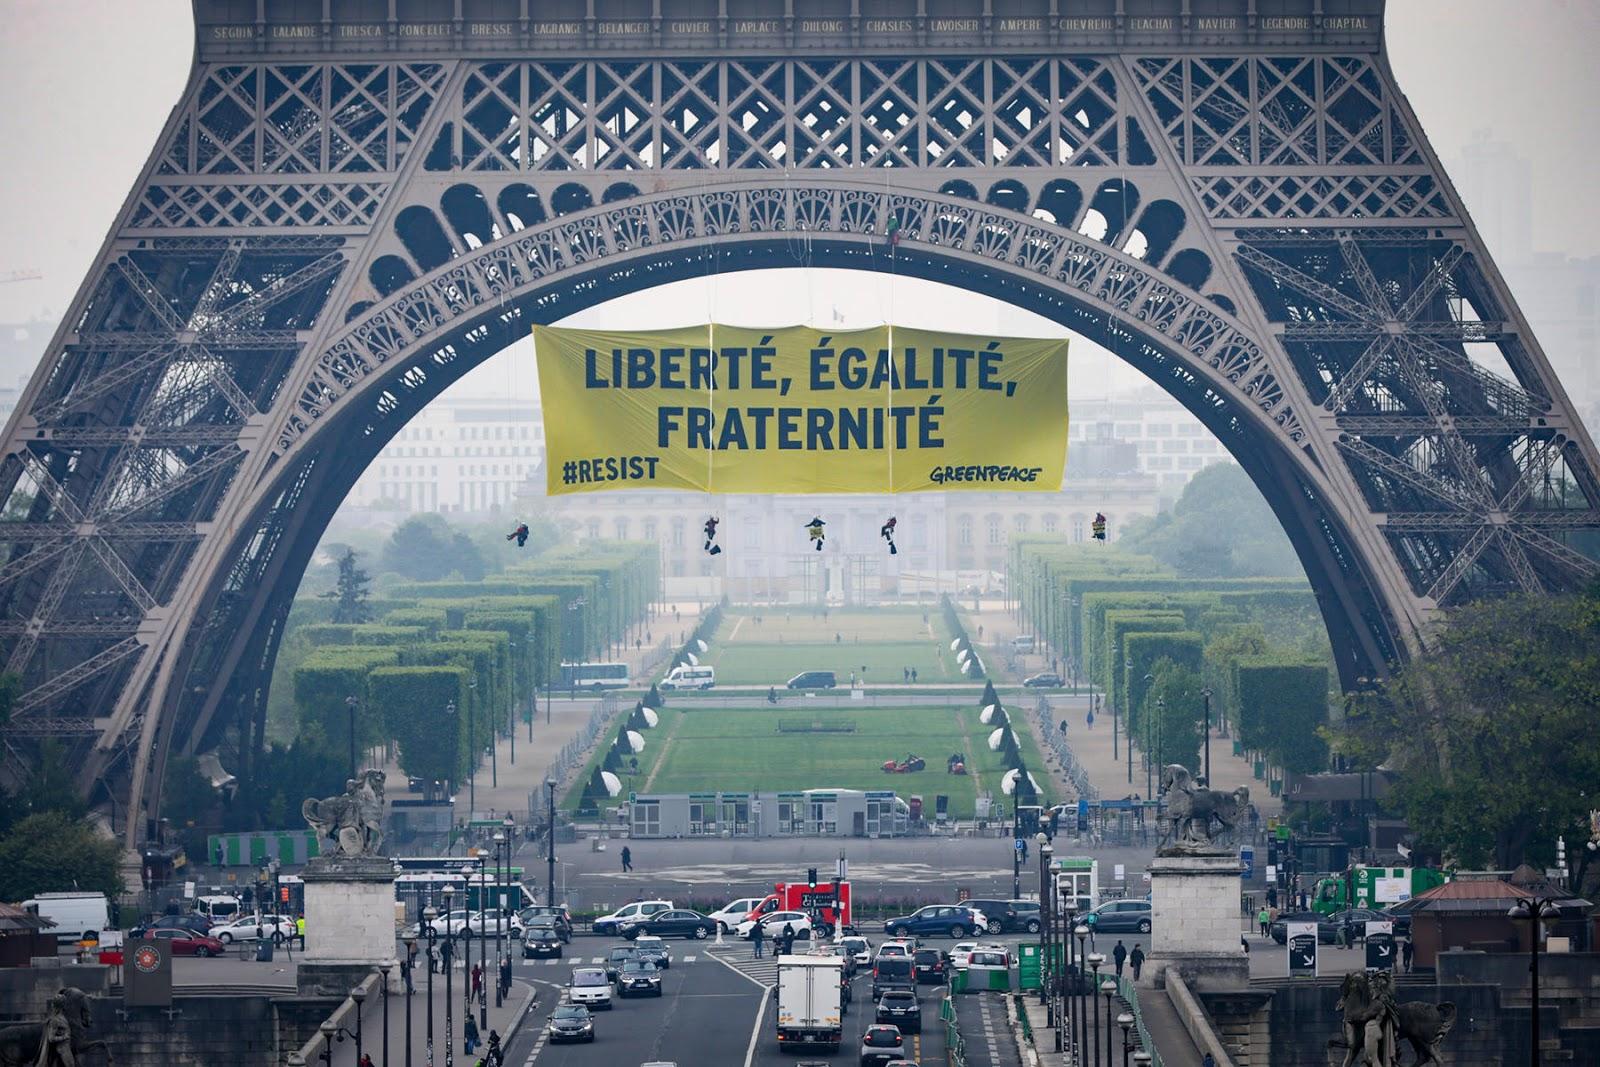 Liberté, égalité, fraternité, street action, Paris, La Tour Eiffel, France, Marine Le Pen